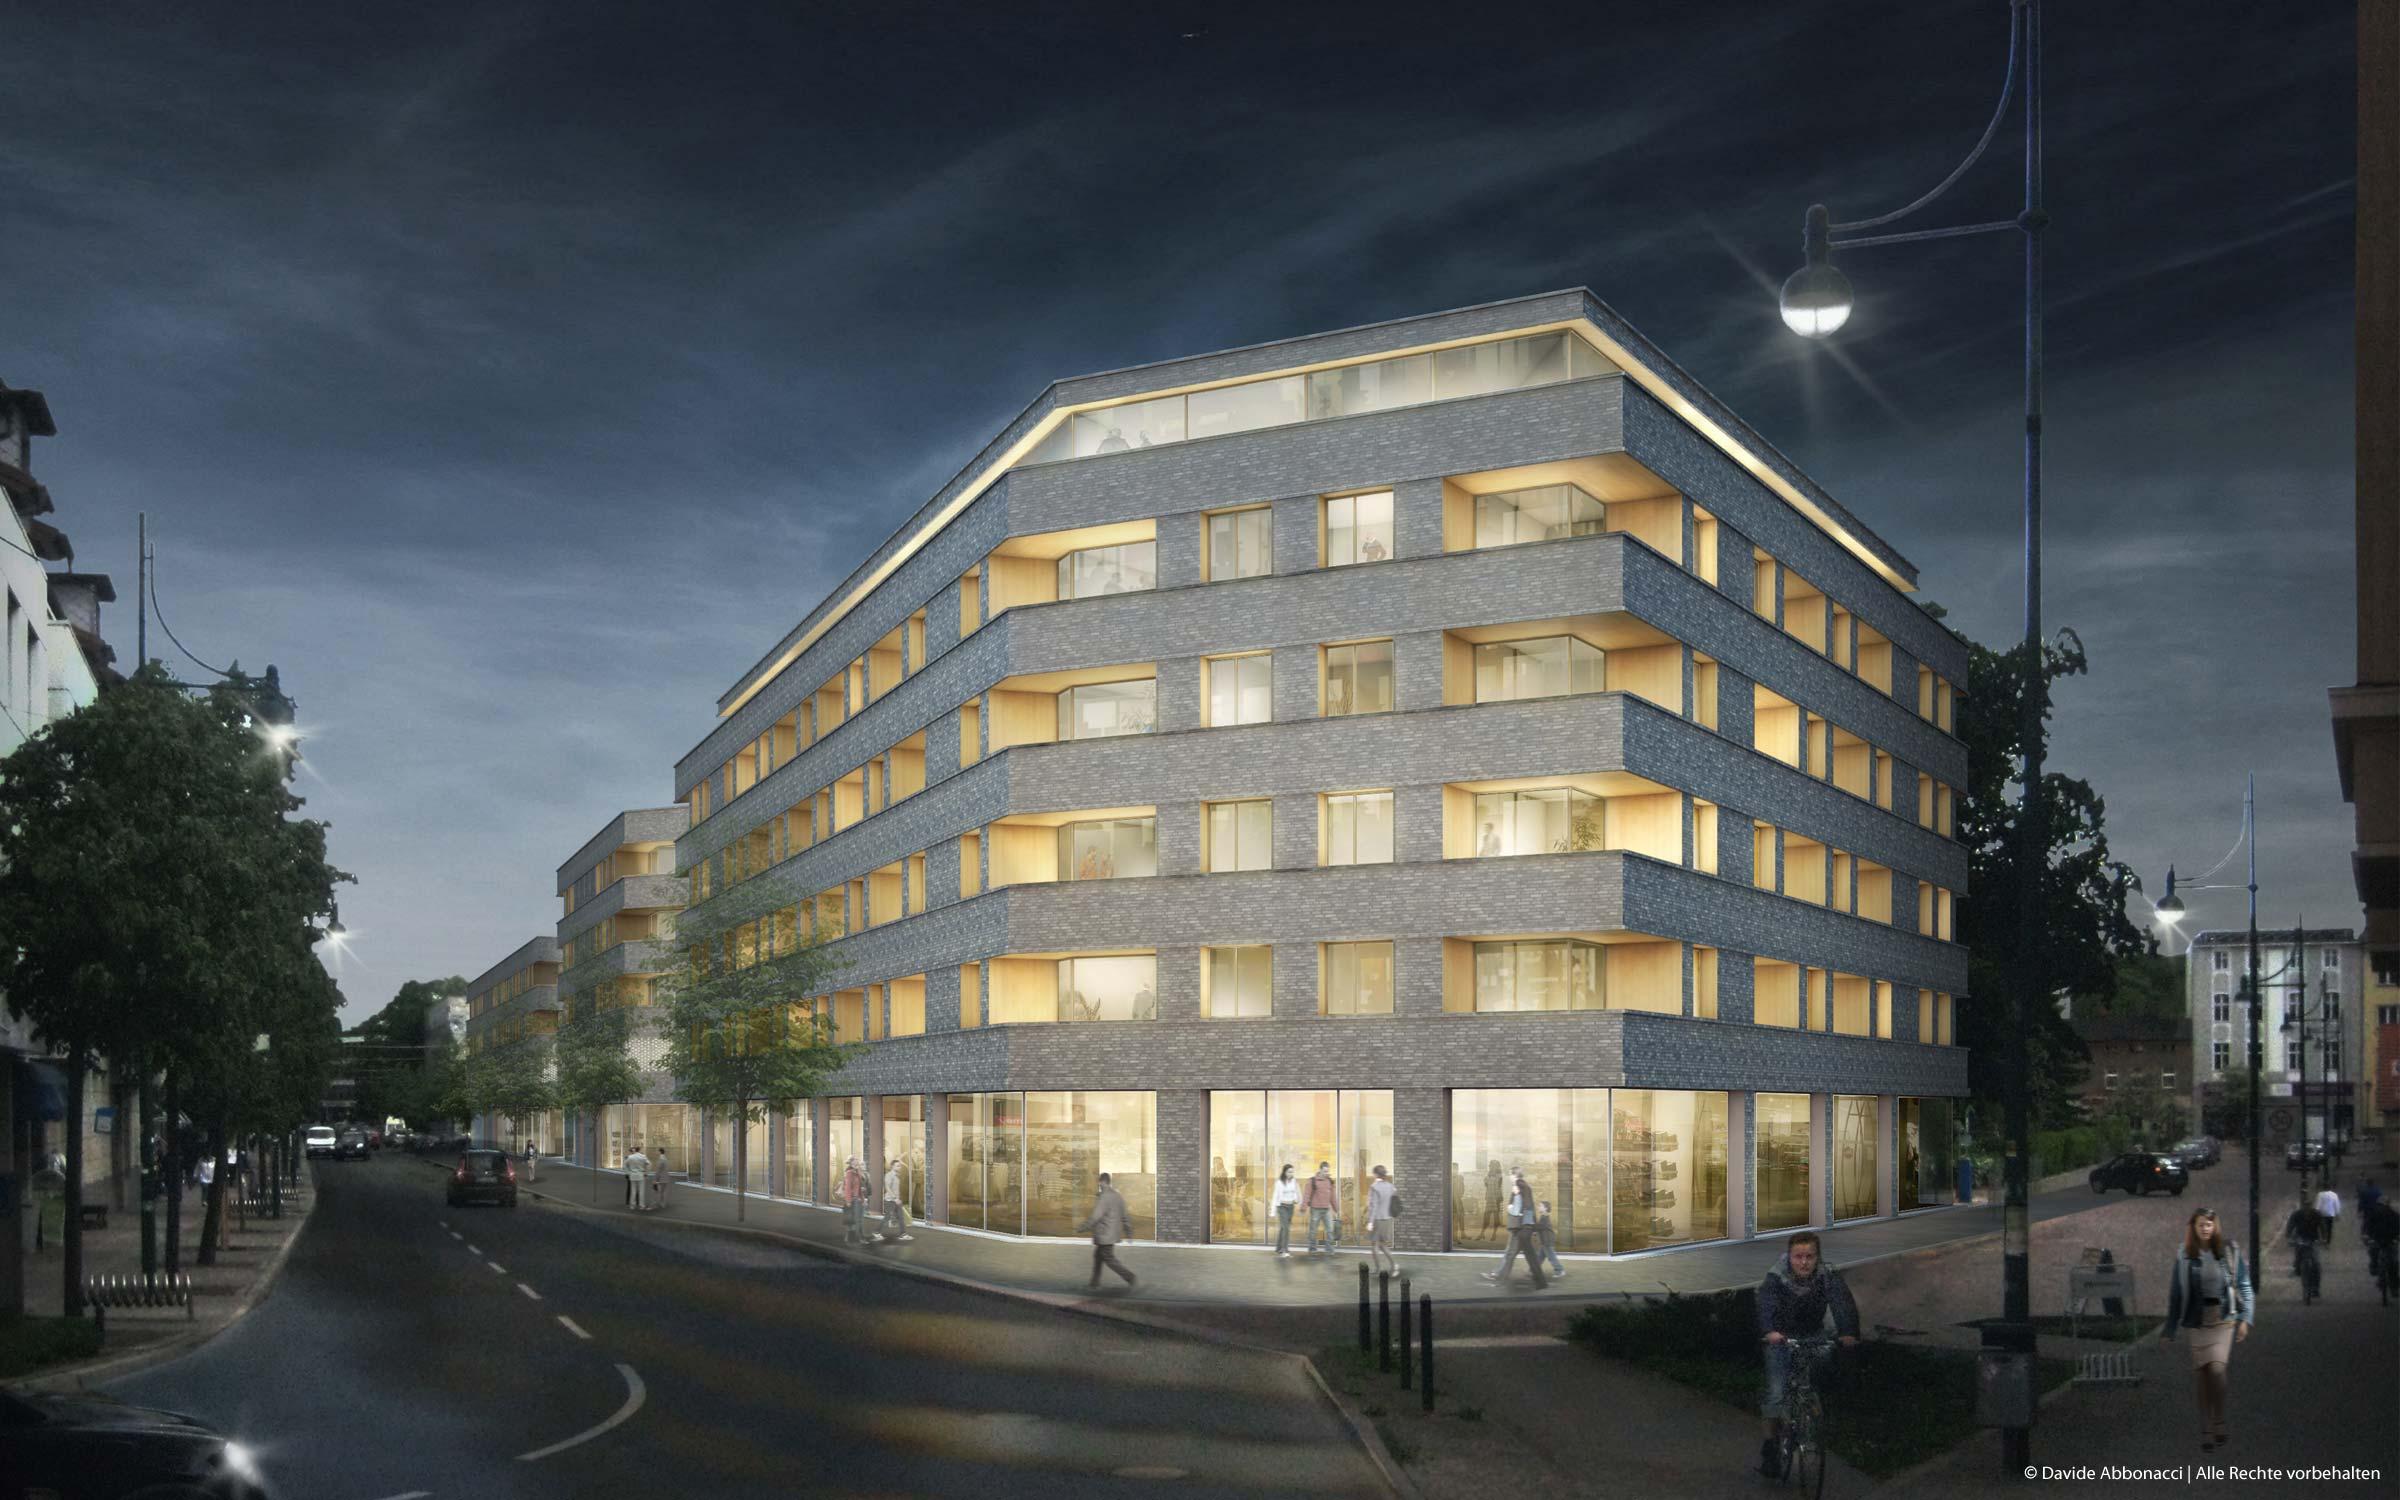 Friedrich Ebert Straße, Eberswalde | Numrich Albrecht Klumpp Architekten | 2011 Wettbewerbsvisualisierung